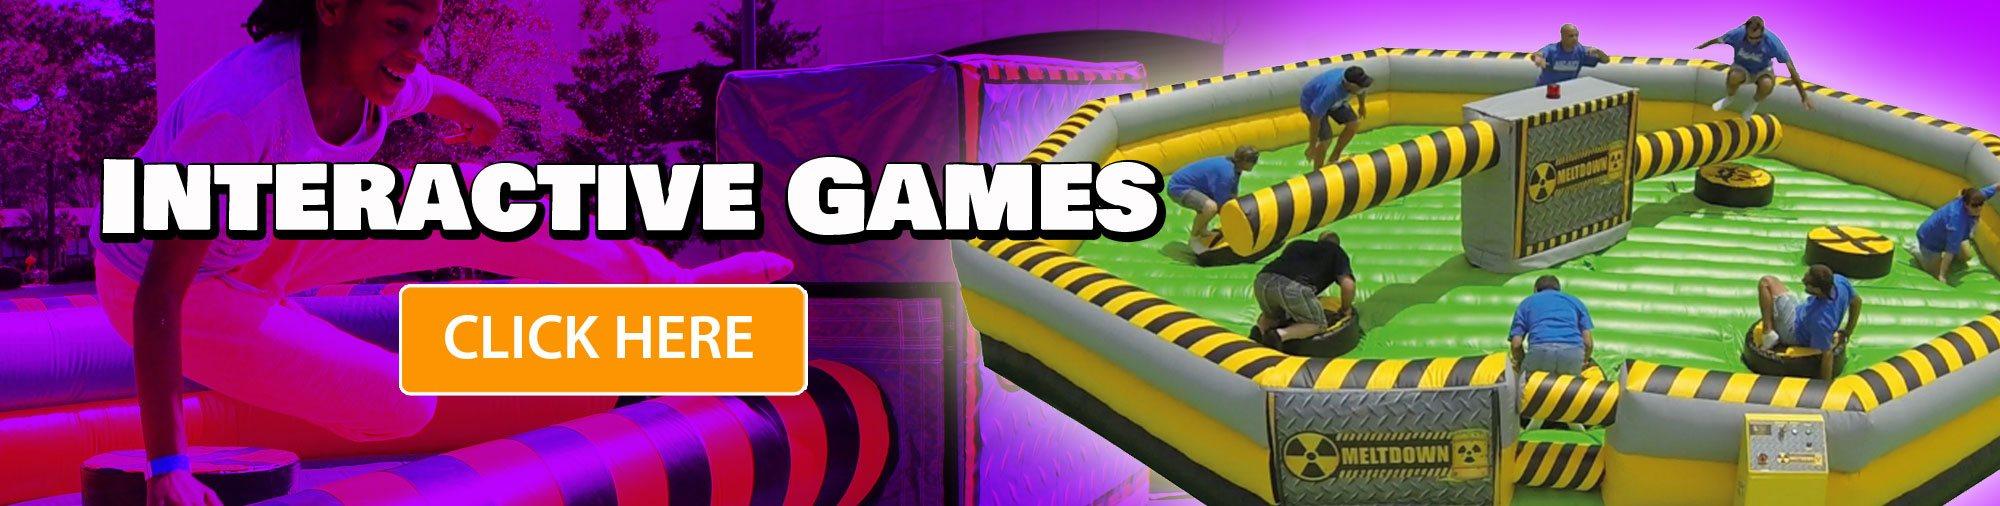 Combo Bouncer Rentals Water Slide Interactive Game